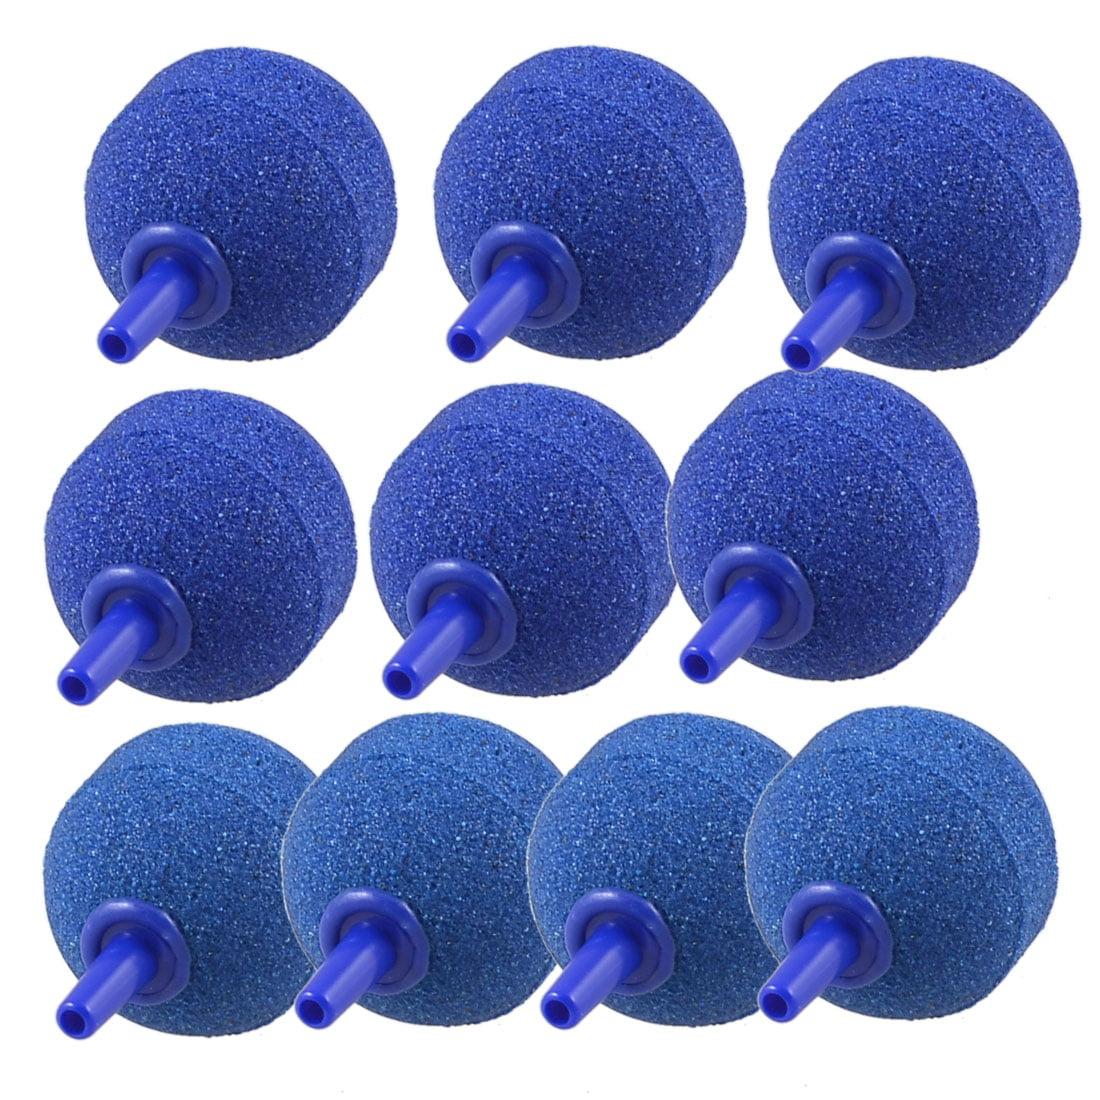 Blue 30mm Sphere Shape Mineral Bubble Release Aquarium Air Stone 10 Pcs